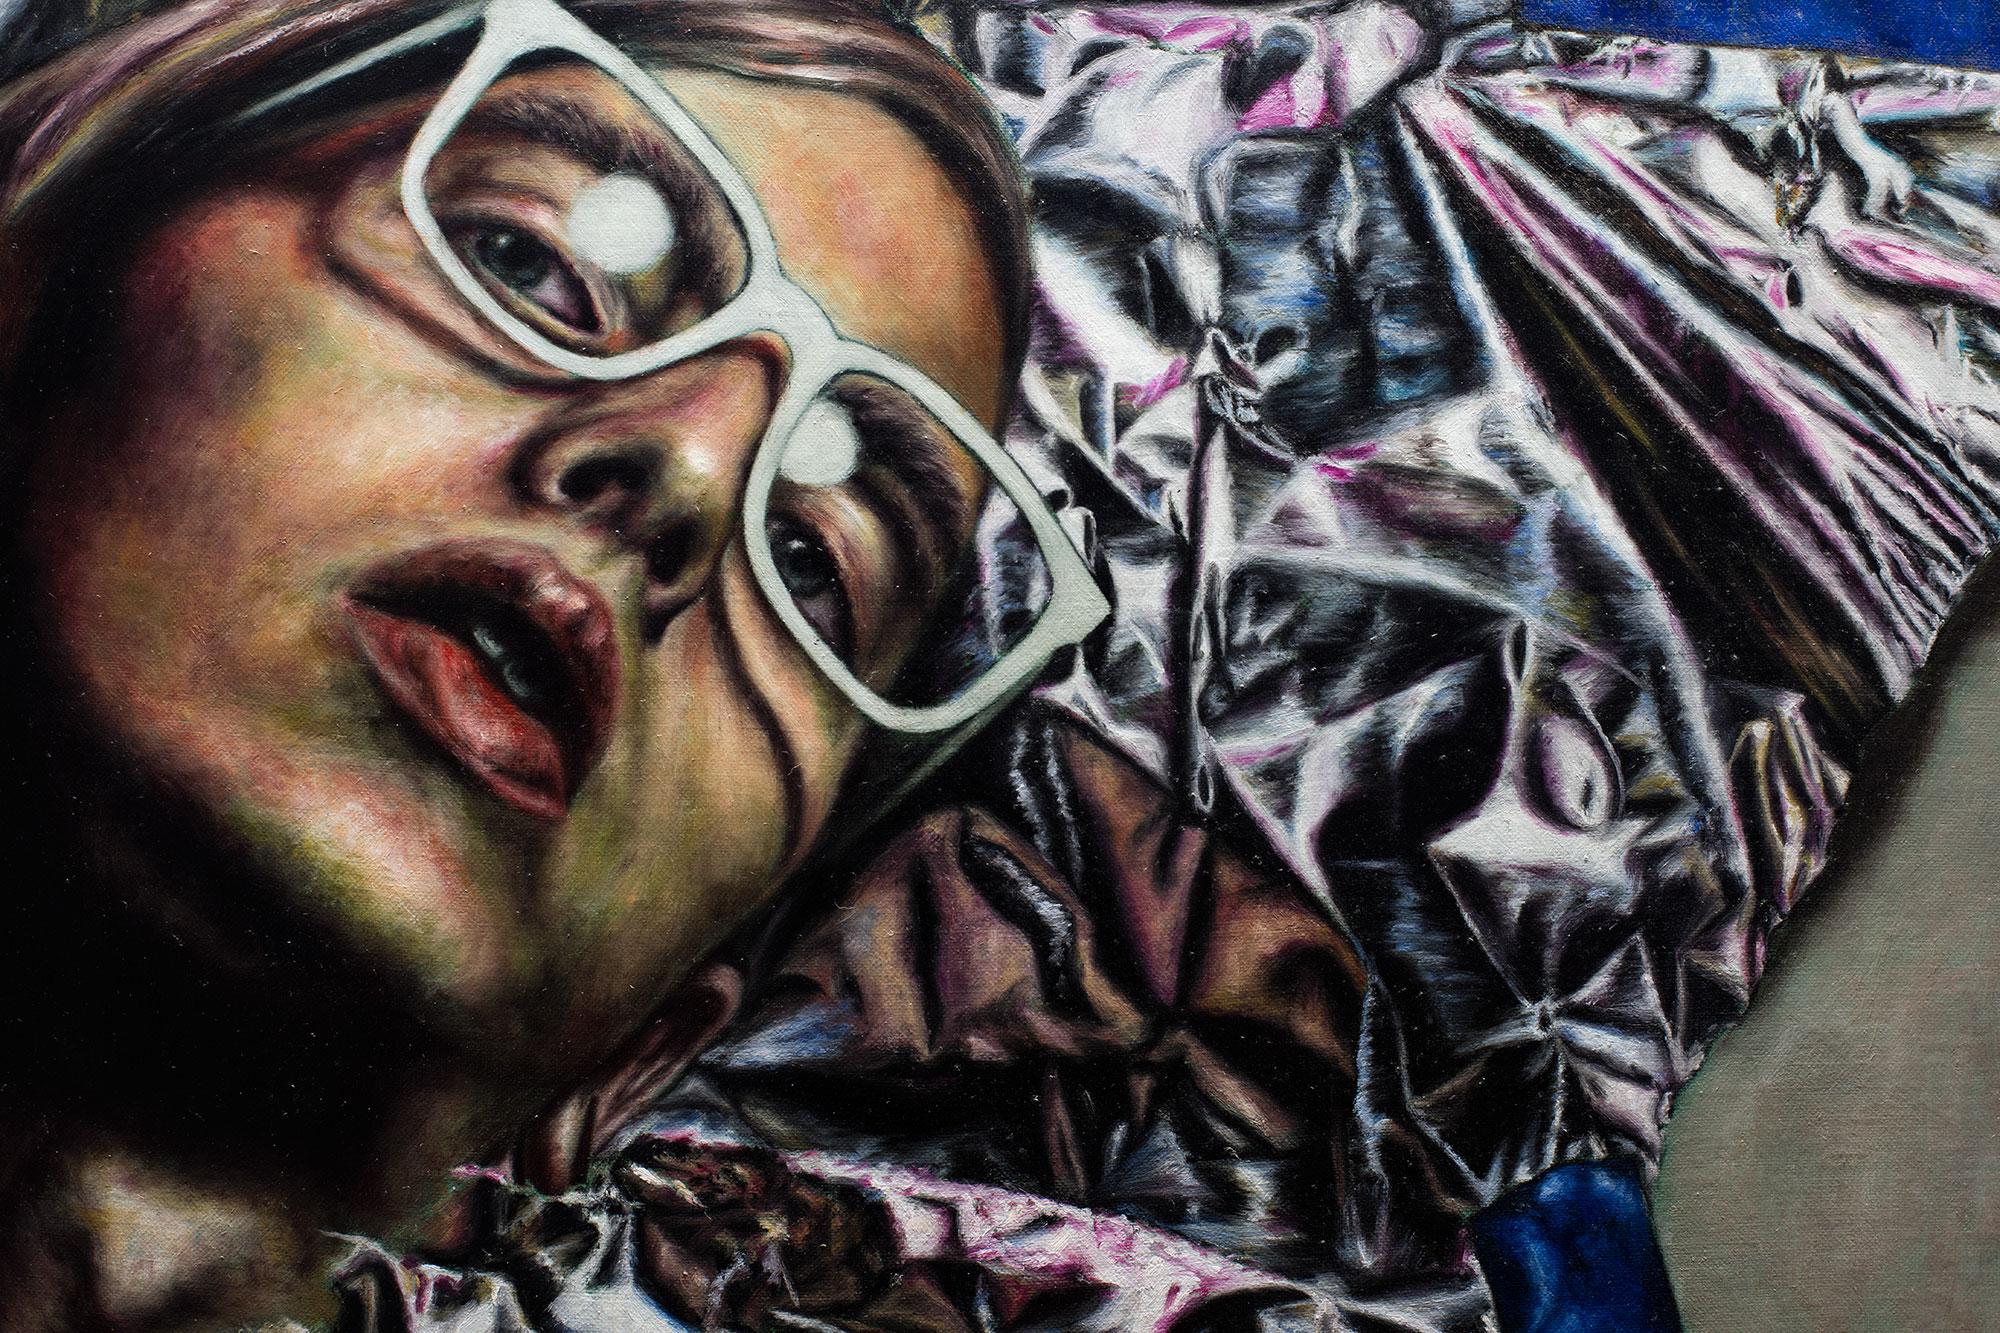 Artist losing himself (detail)